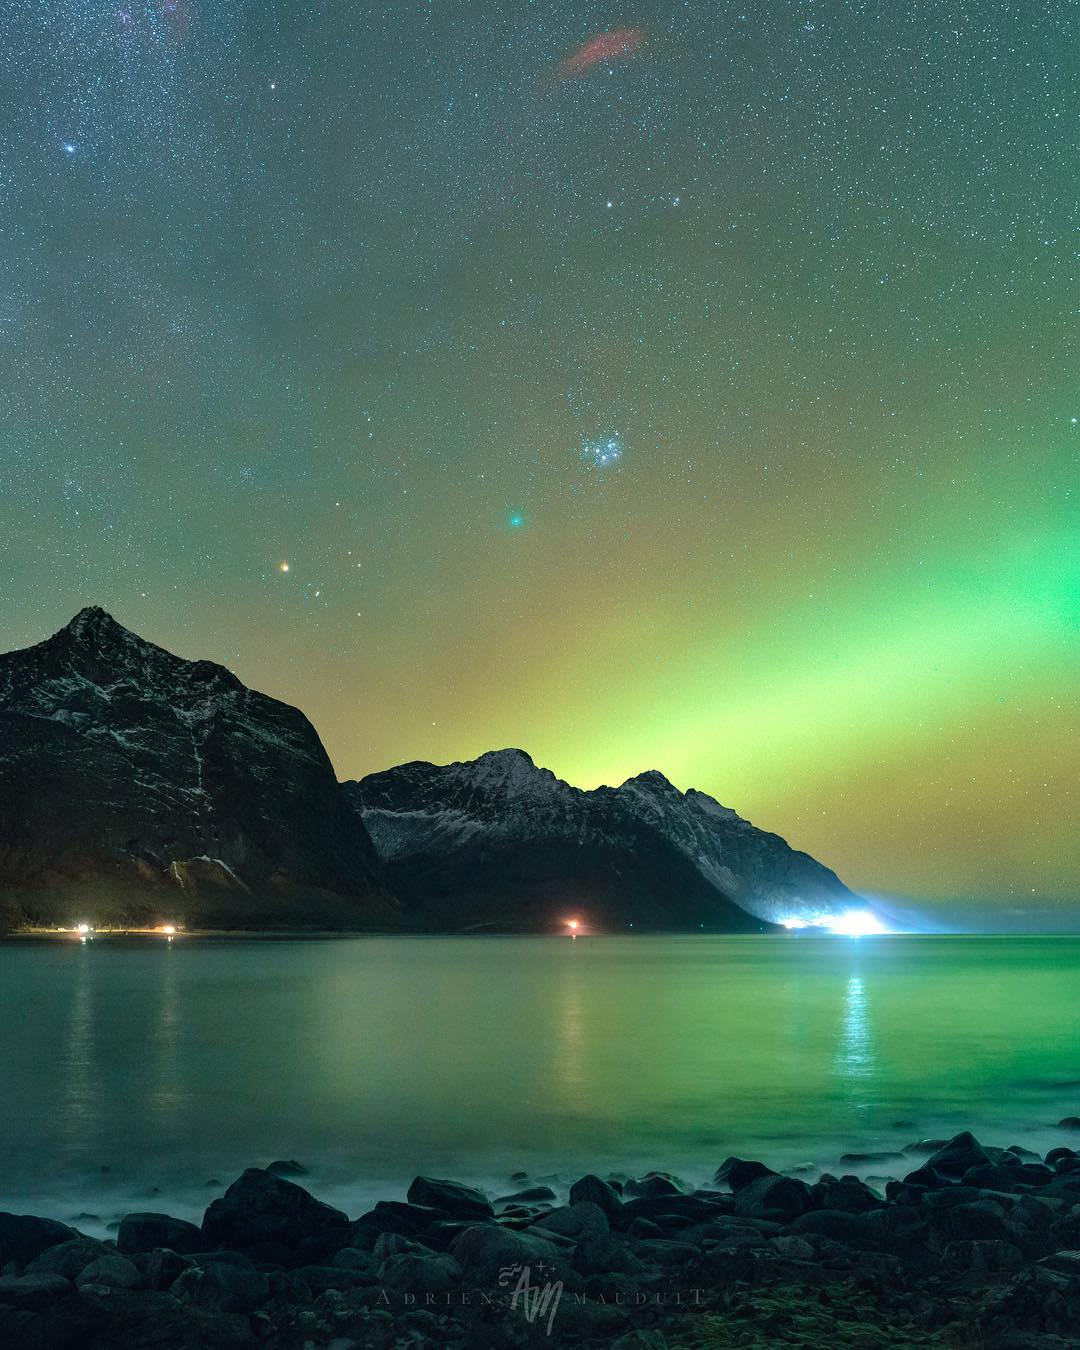 Красота северного сияния на снимках Адриена Луи Модуита